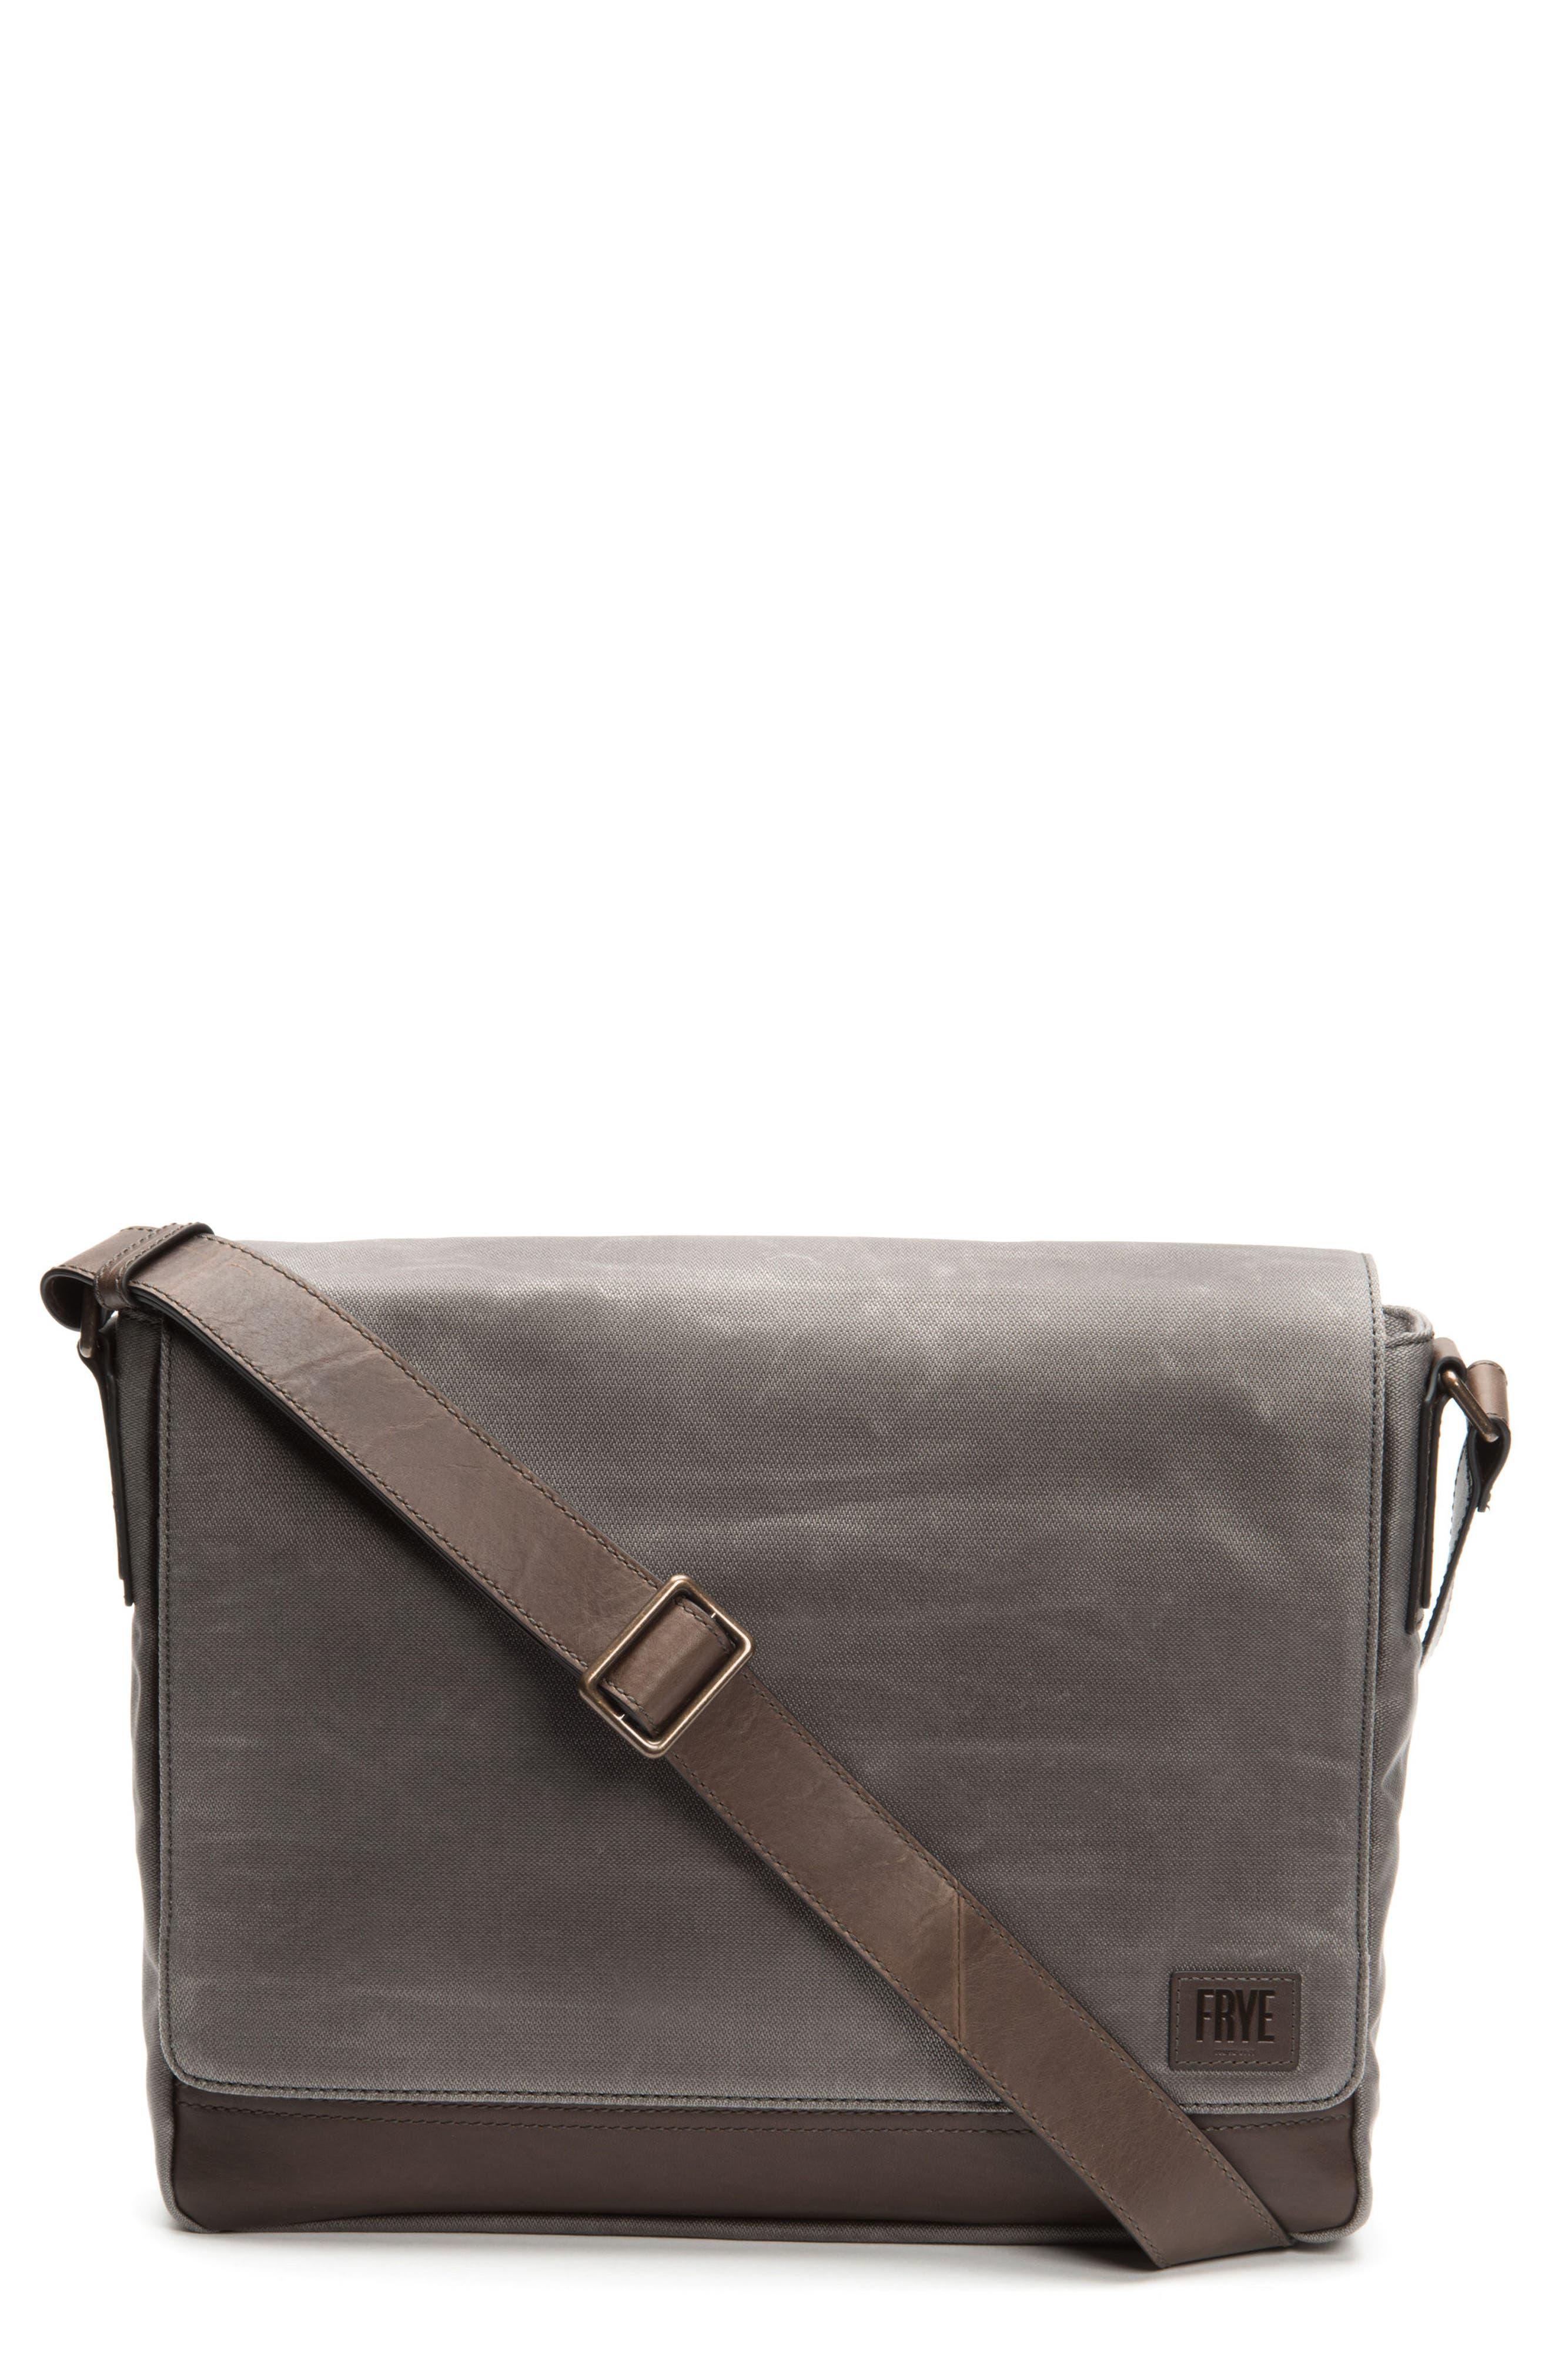 Frey Carter Messenger Bag,                             Main thumbnail 1, color,                             Slate